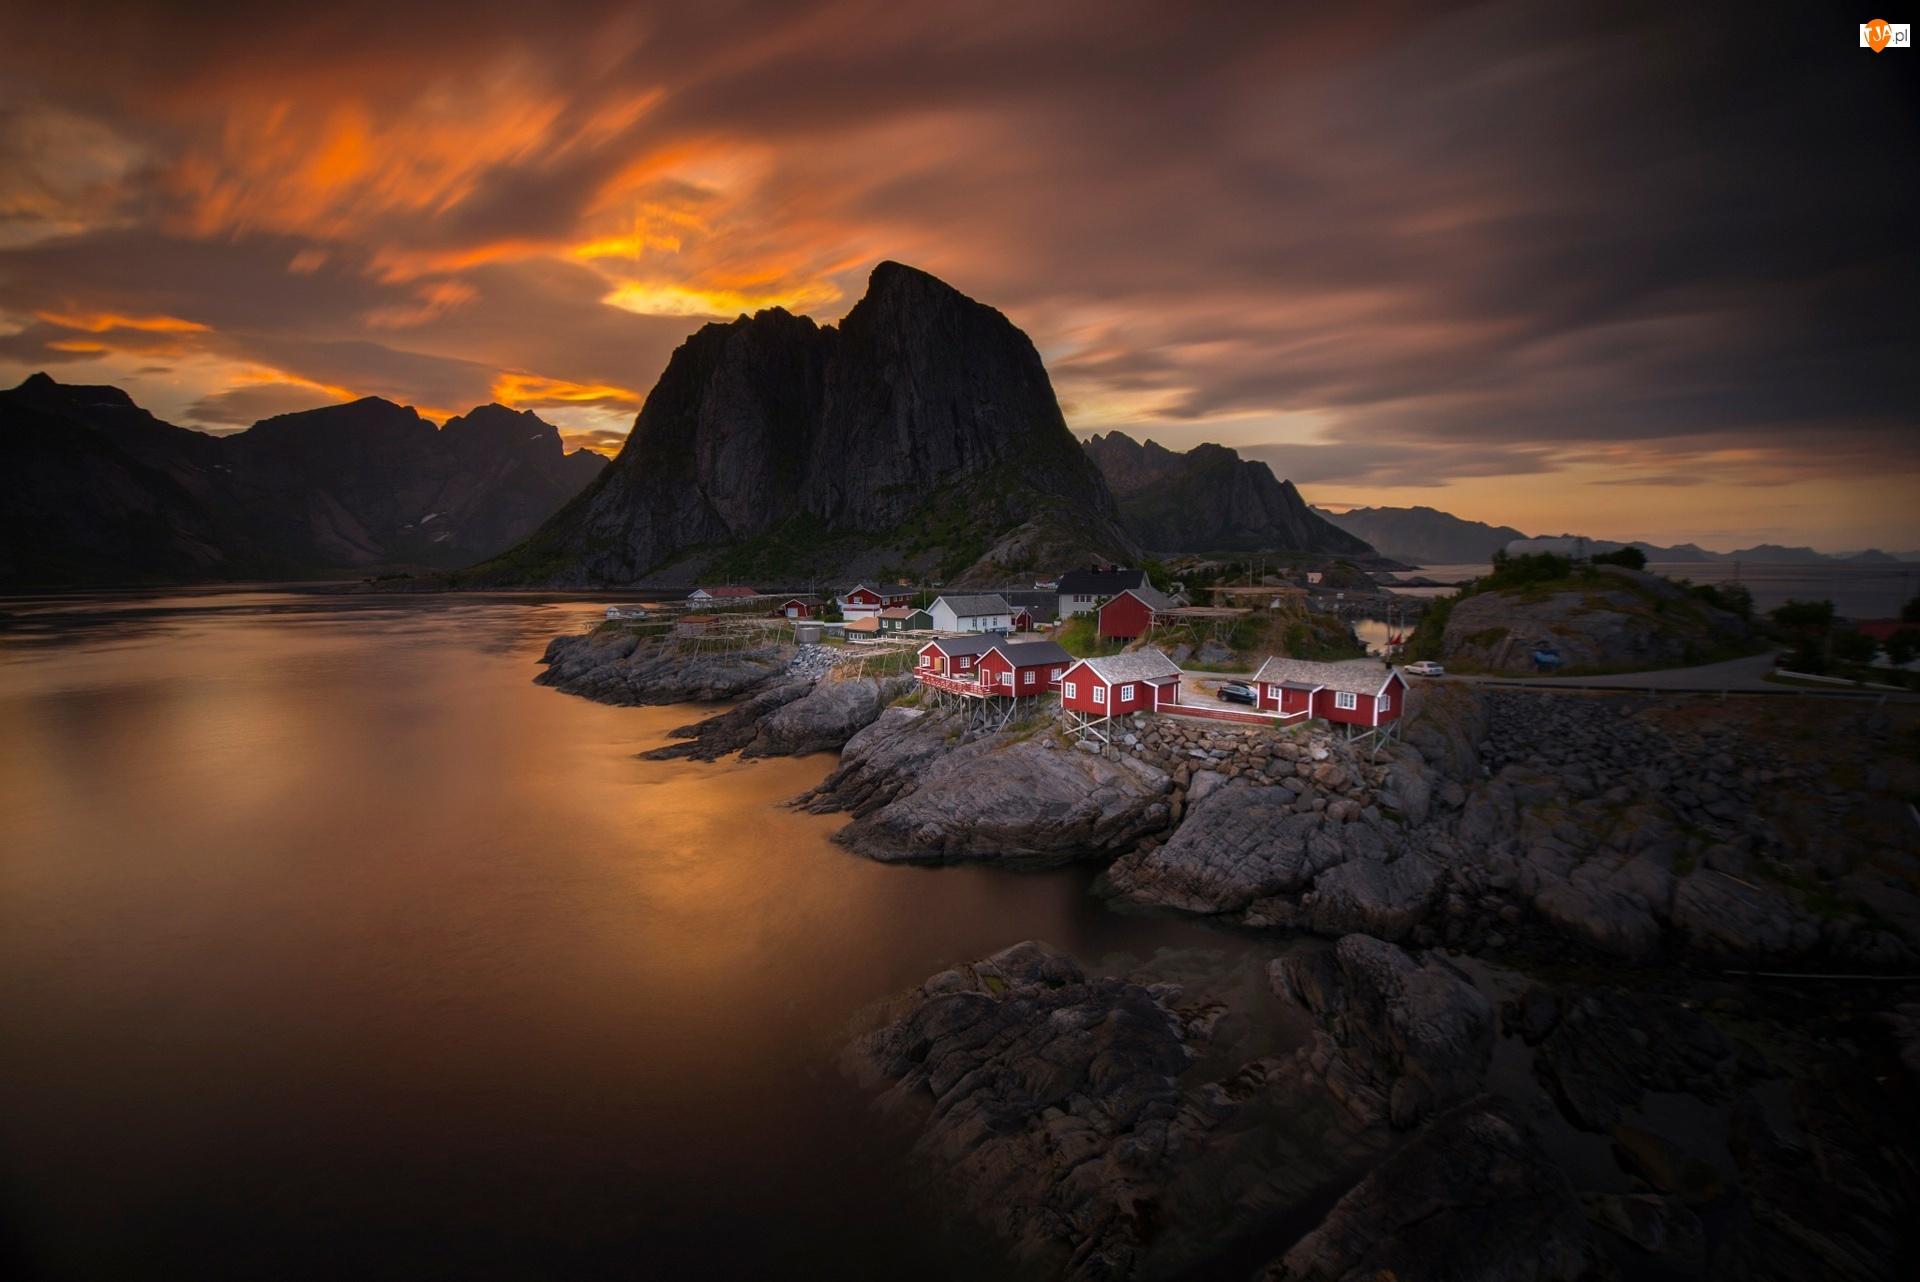 Morze, Zachód Słońca, Wioska, Norwegia, Góry, Skały